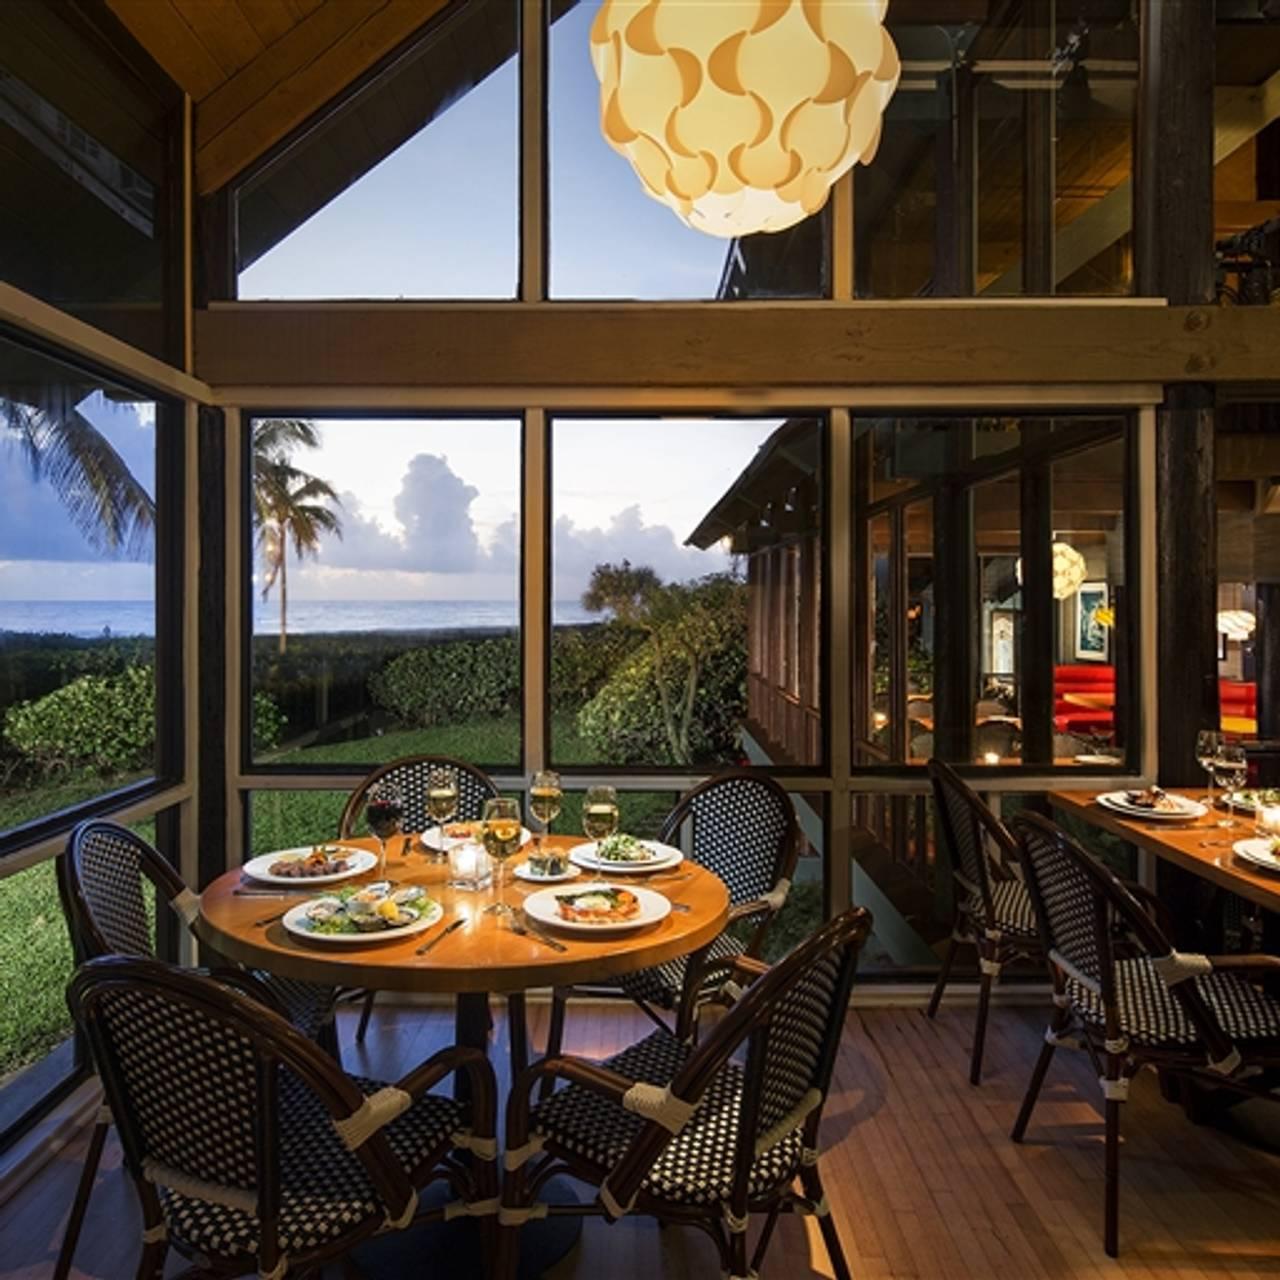 Sea Watch Restaurant Fort Lauderdale Fl